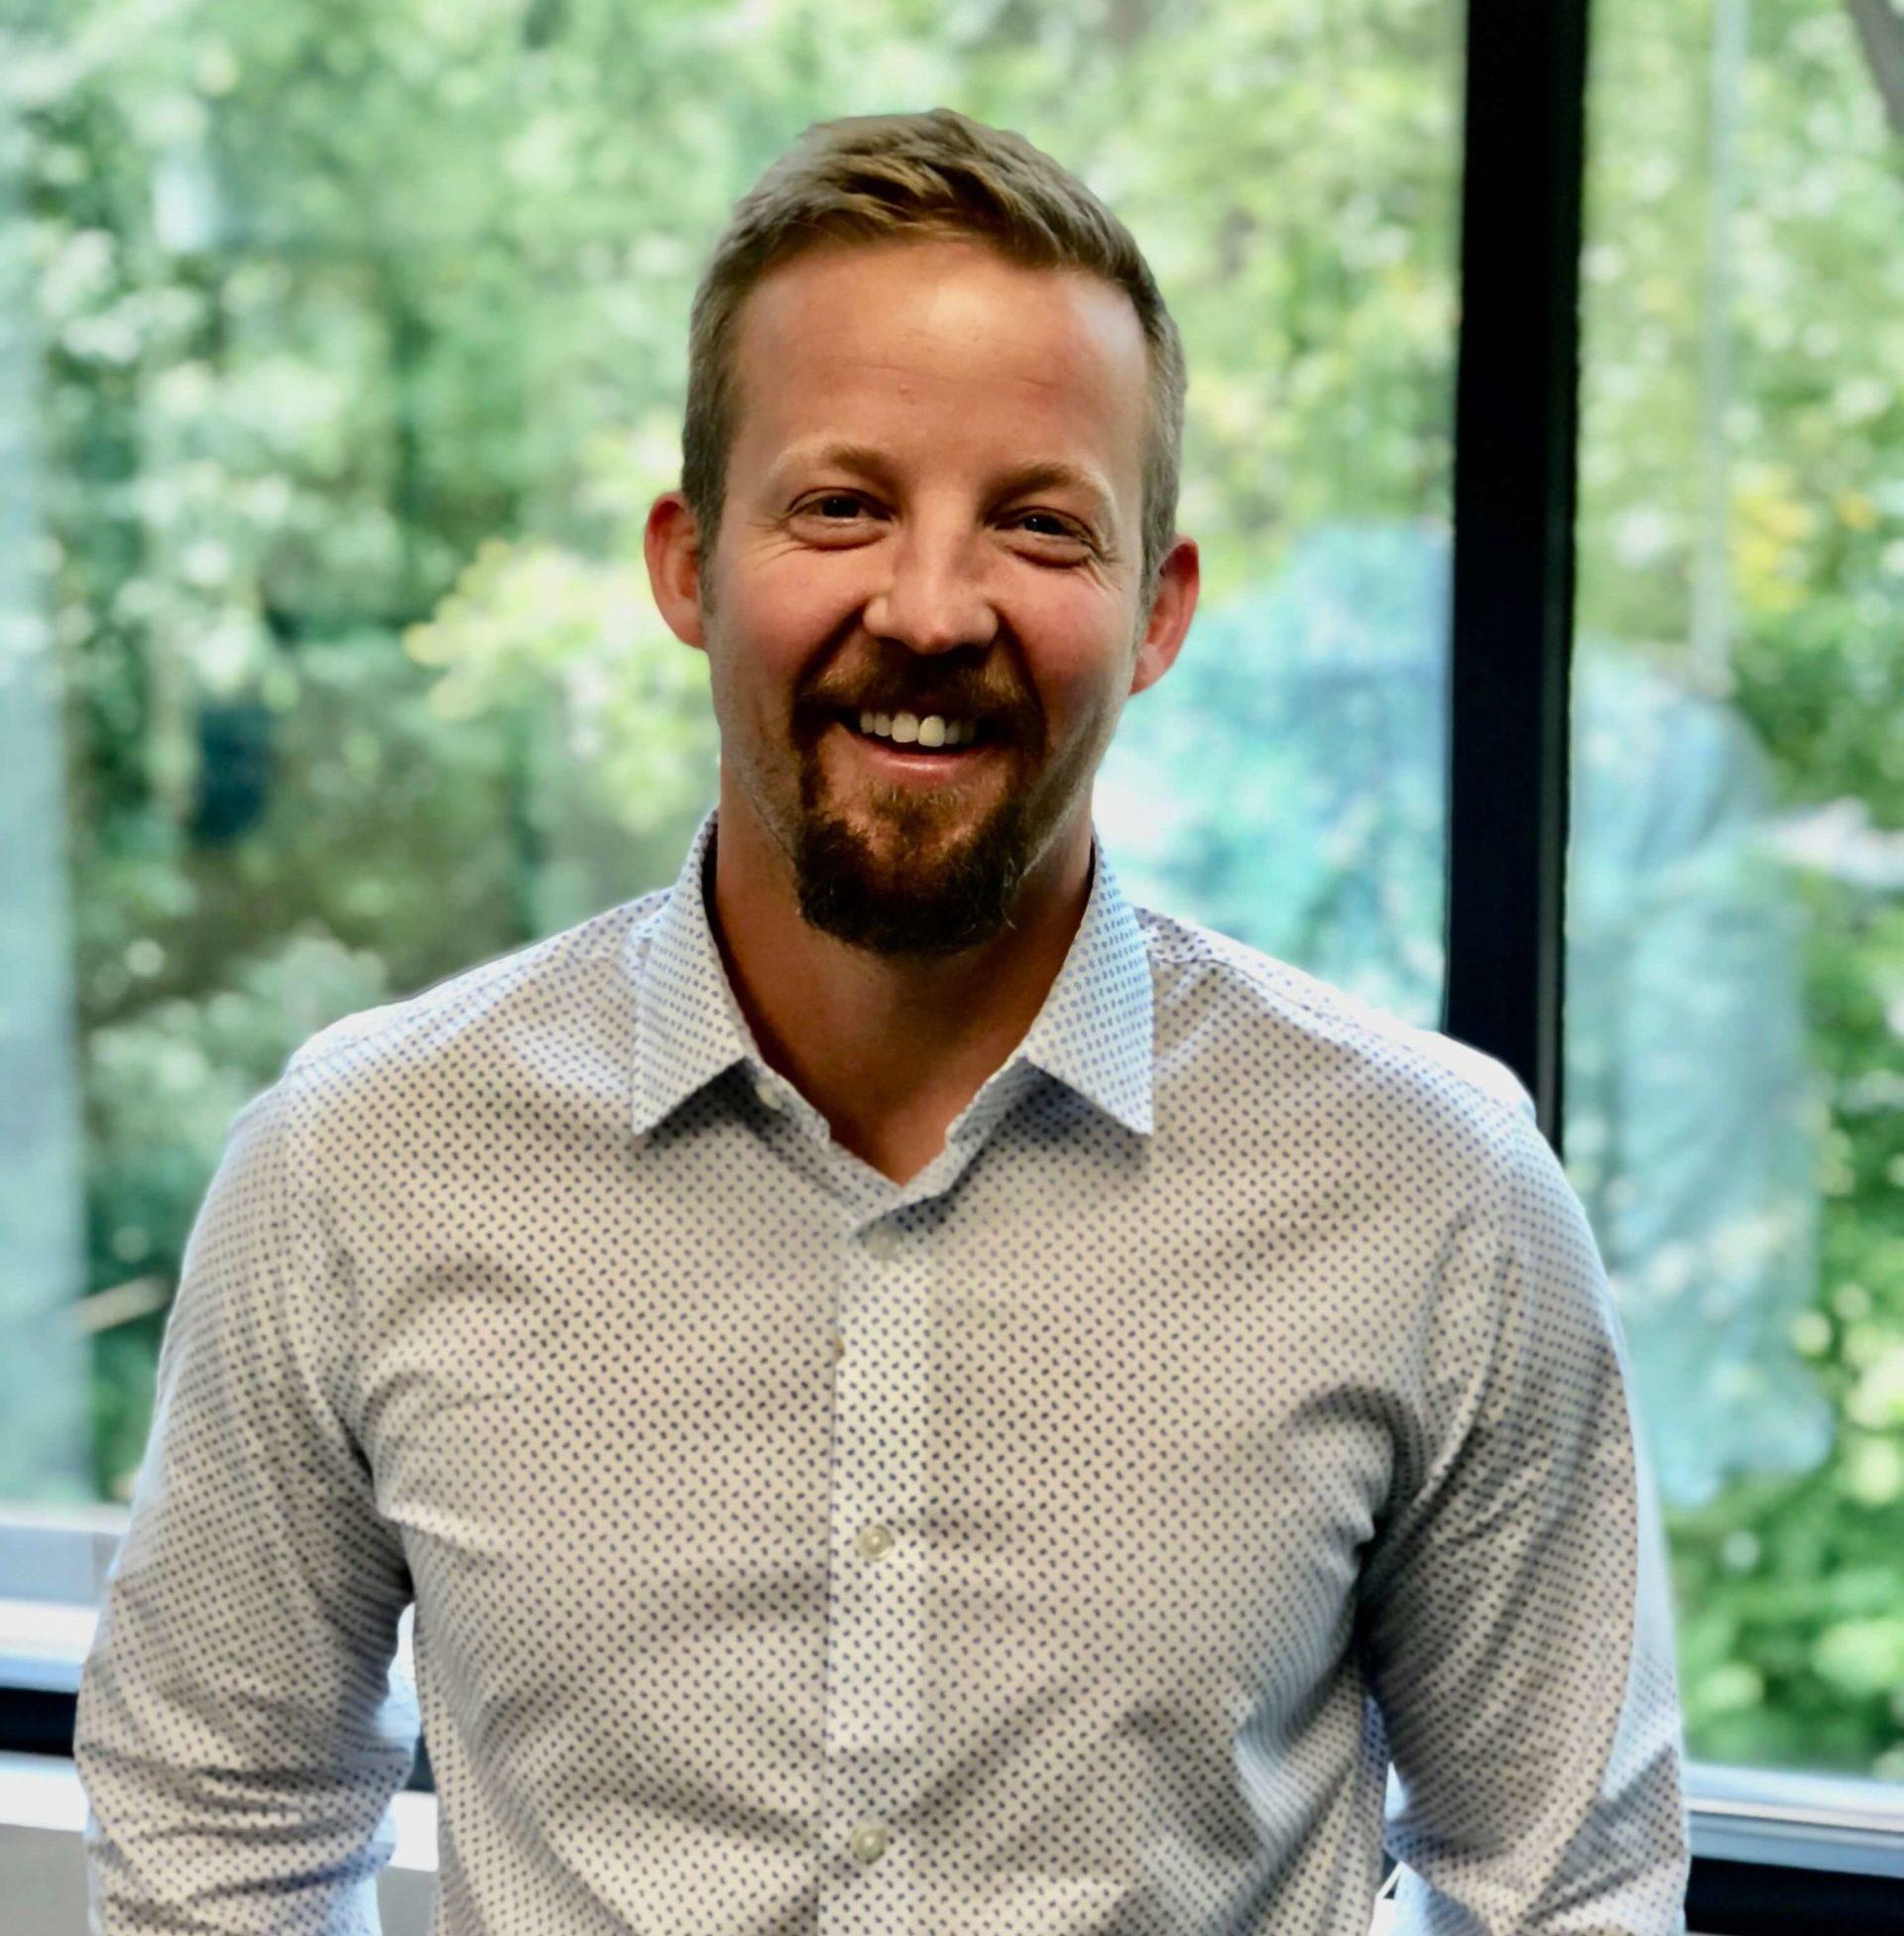 Travis Peterson: 2019 AV Industry Rising Star